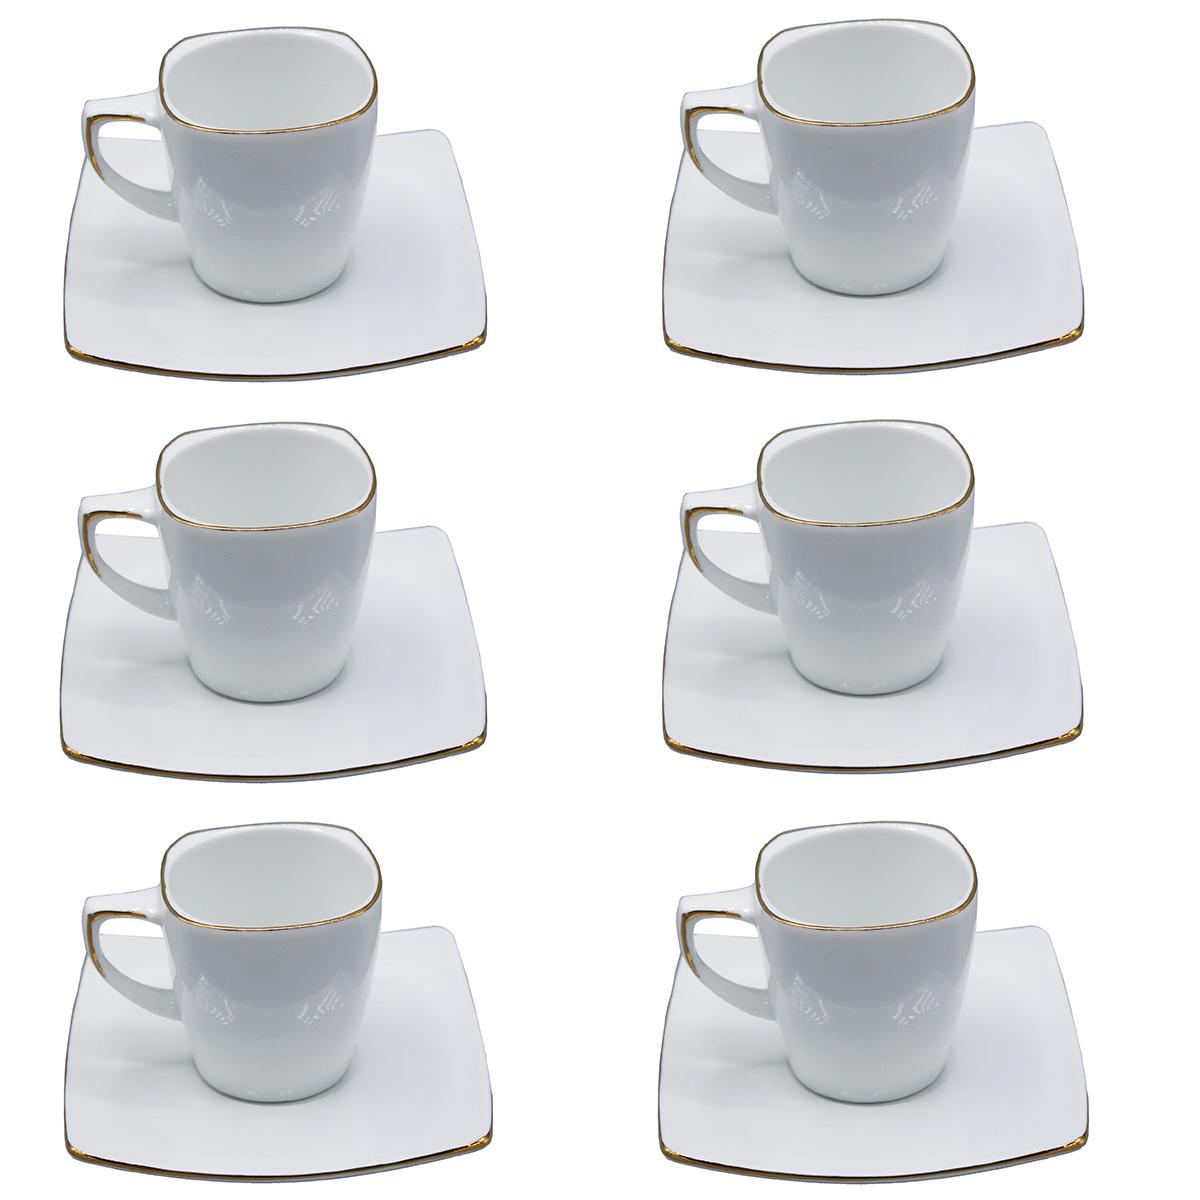 سرویس قهوه خوری 12 پارچه لورین کد 4&30033